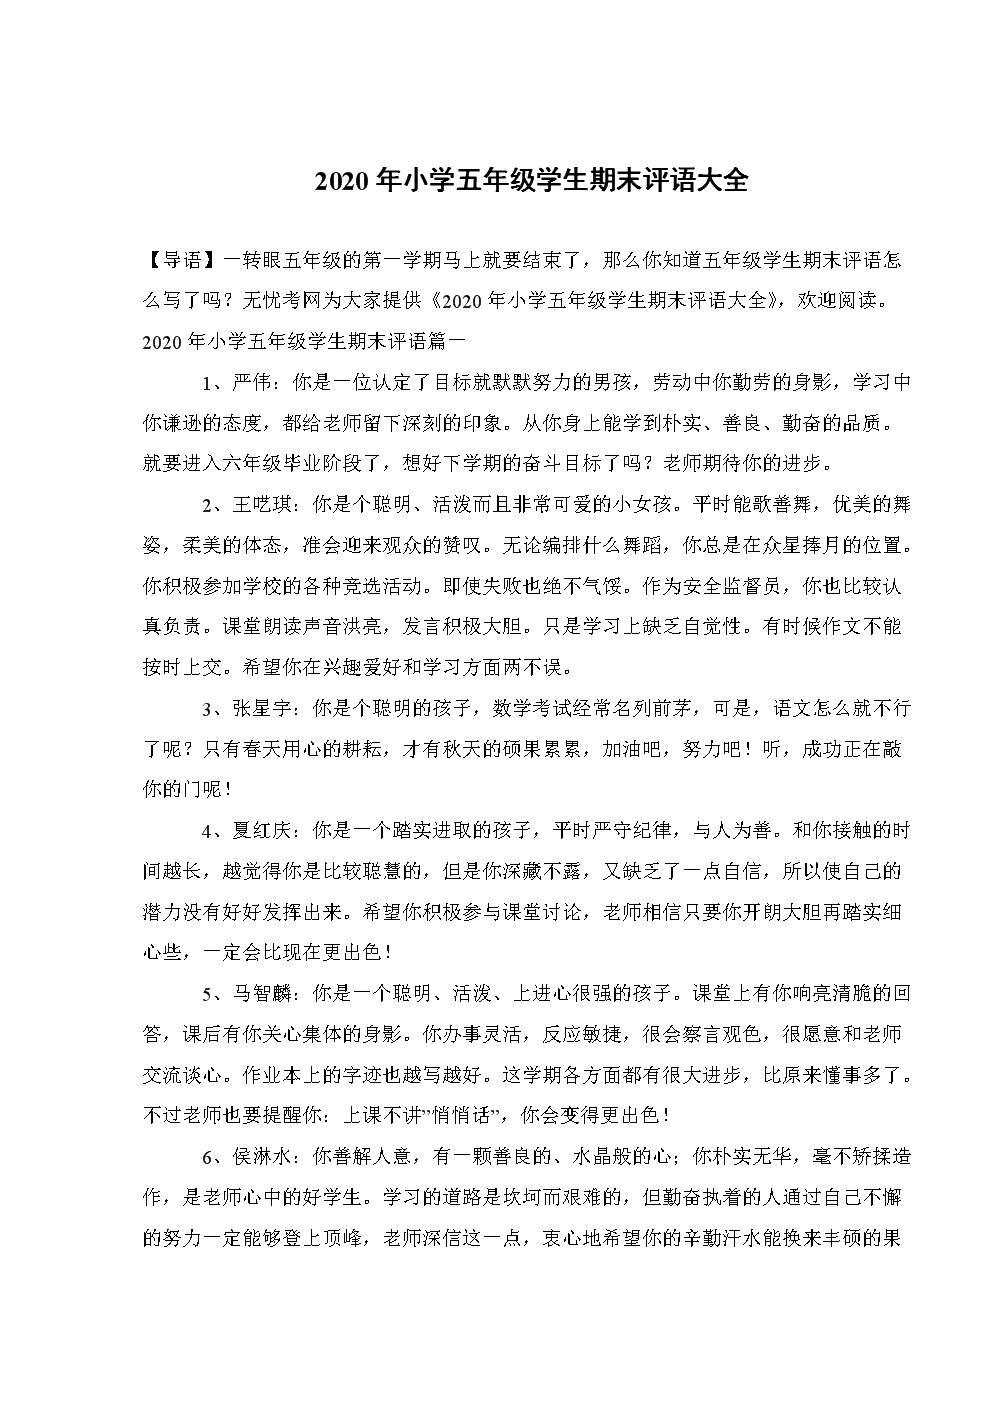 2020年小学五年级学生期末评语大全.doc